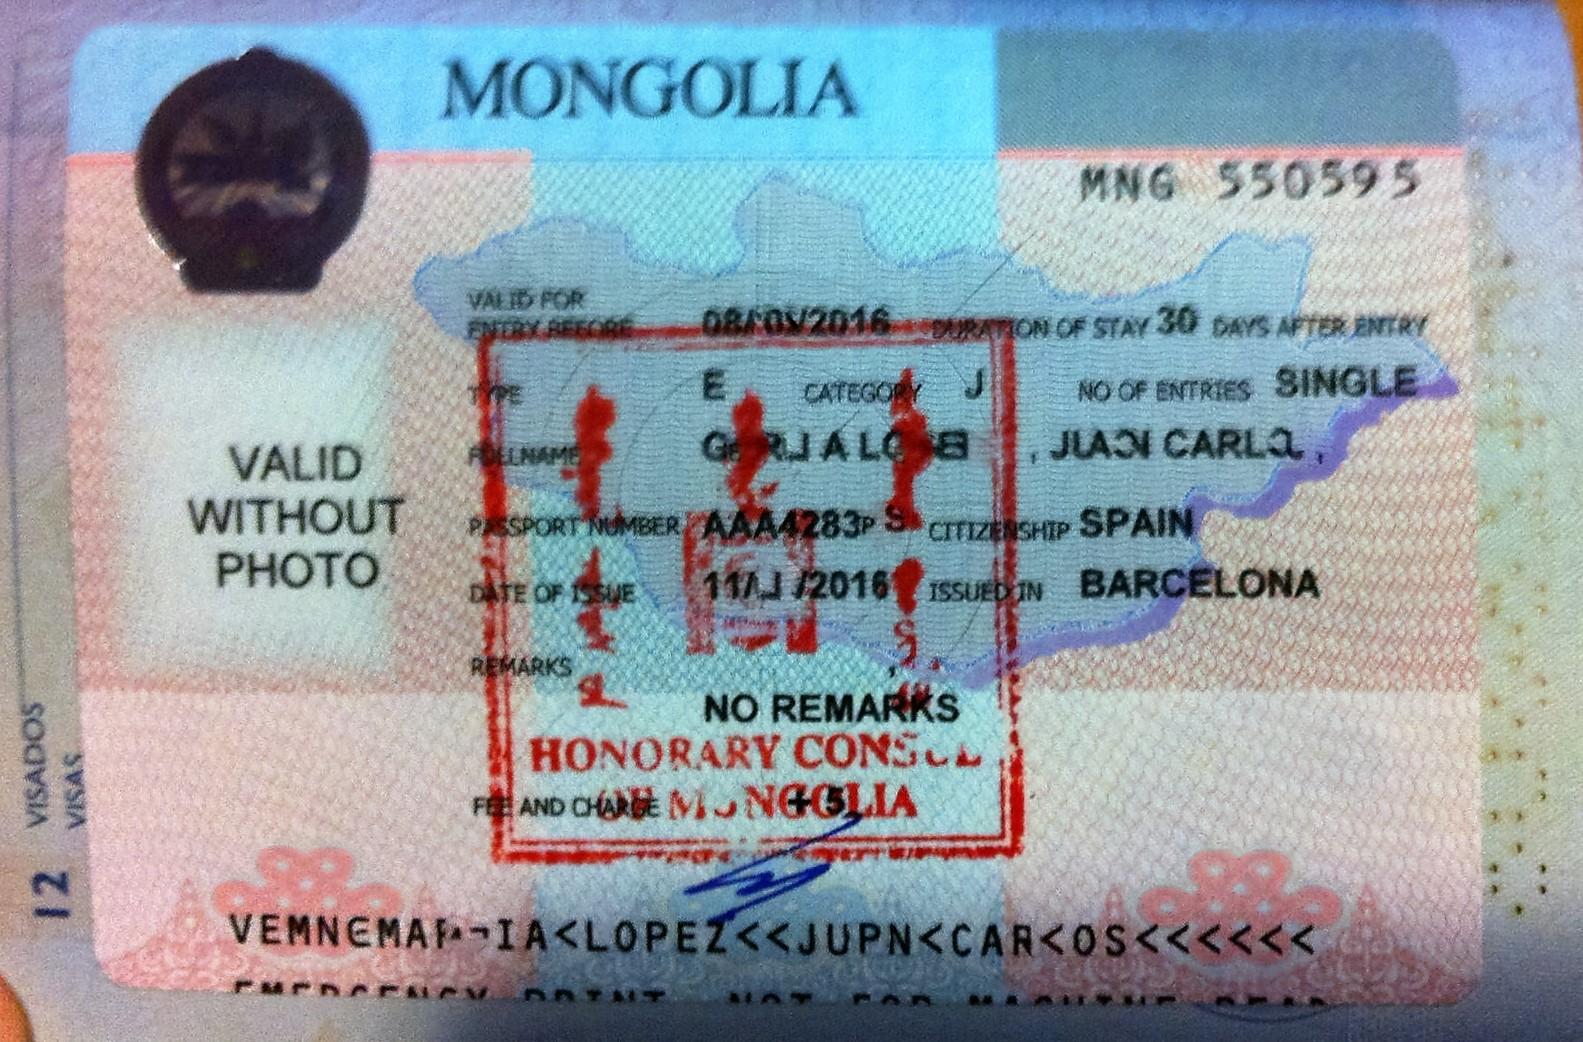 VISADO MONGOLIA retocado